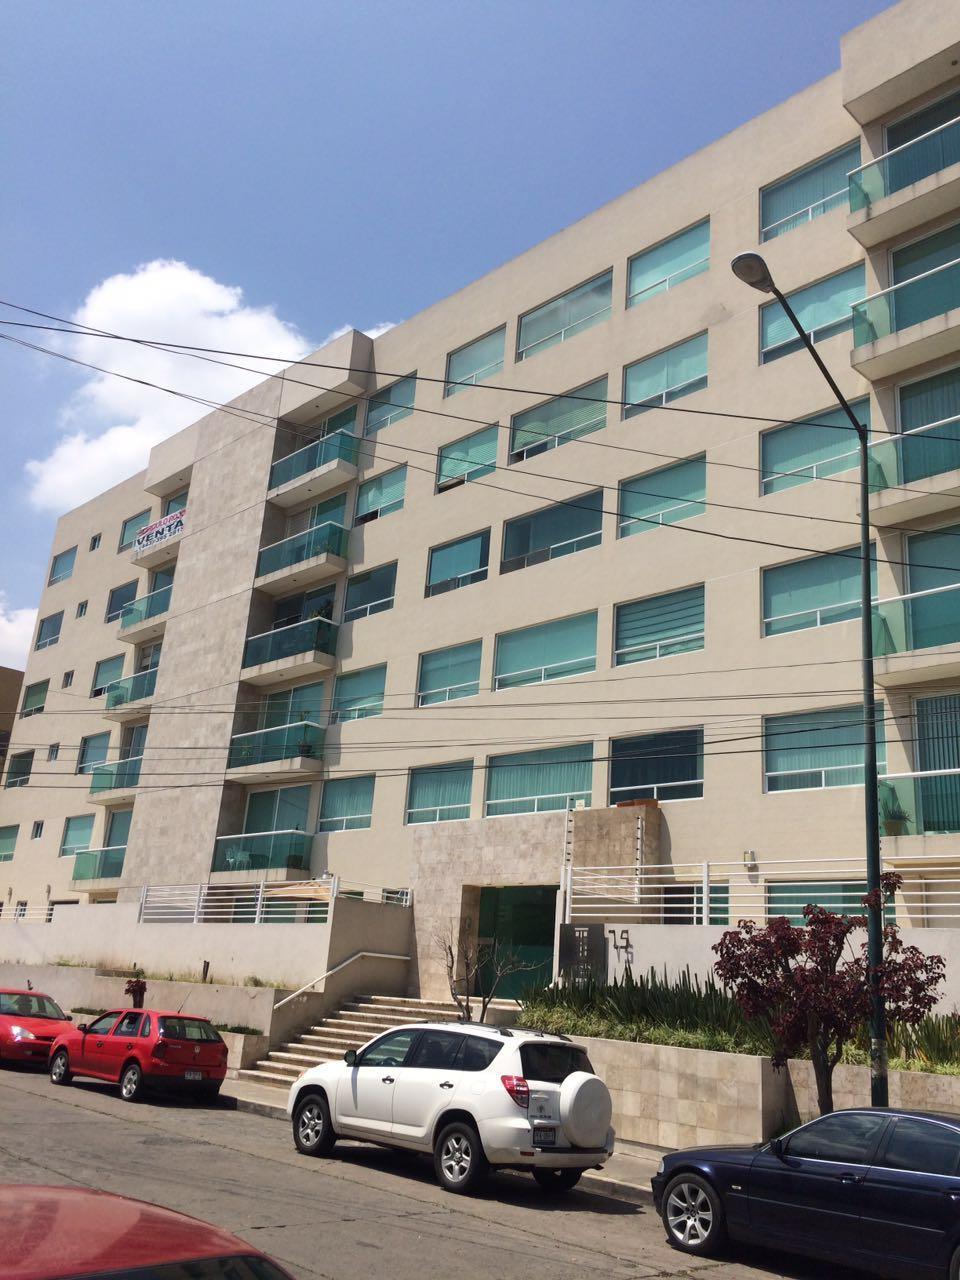 Departamento en Renta en Entre Avenida Acueducto Y Calle Hospitales, Morelia, Michoacán